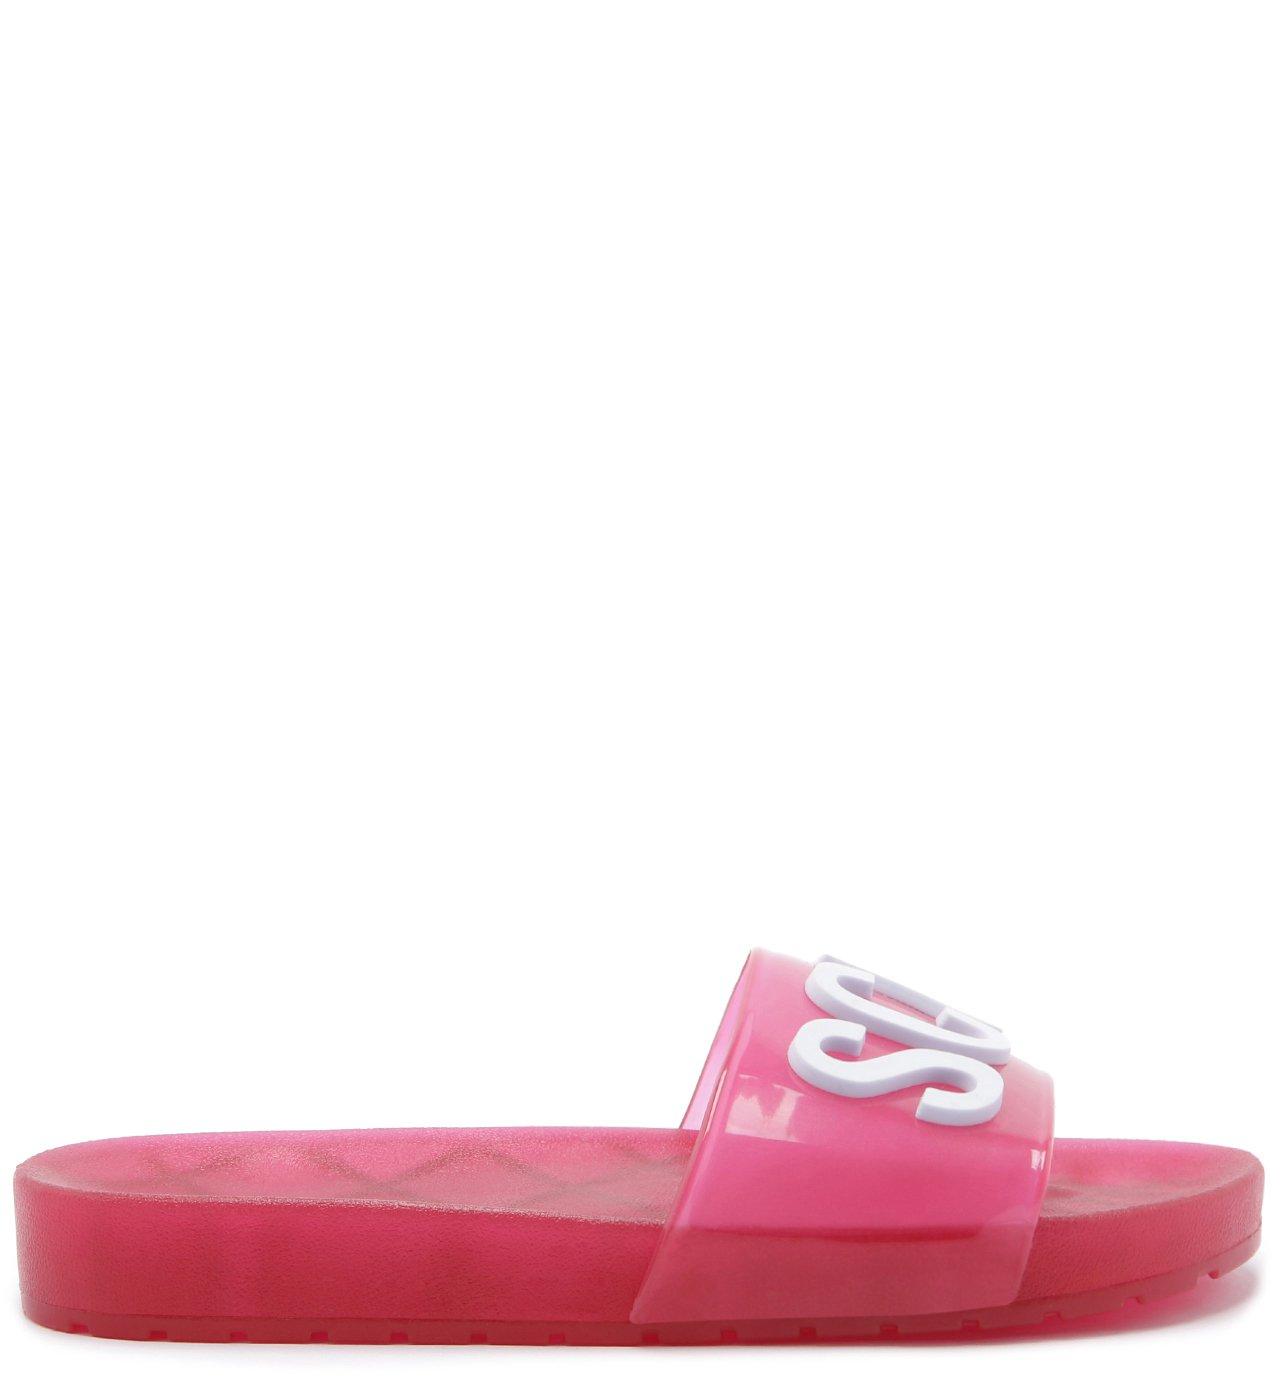 Slide Schutz Lovers Pink | Schutz